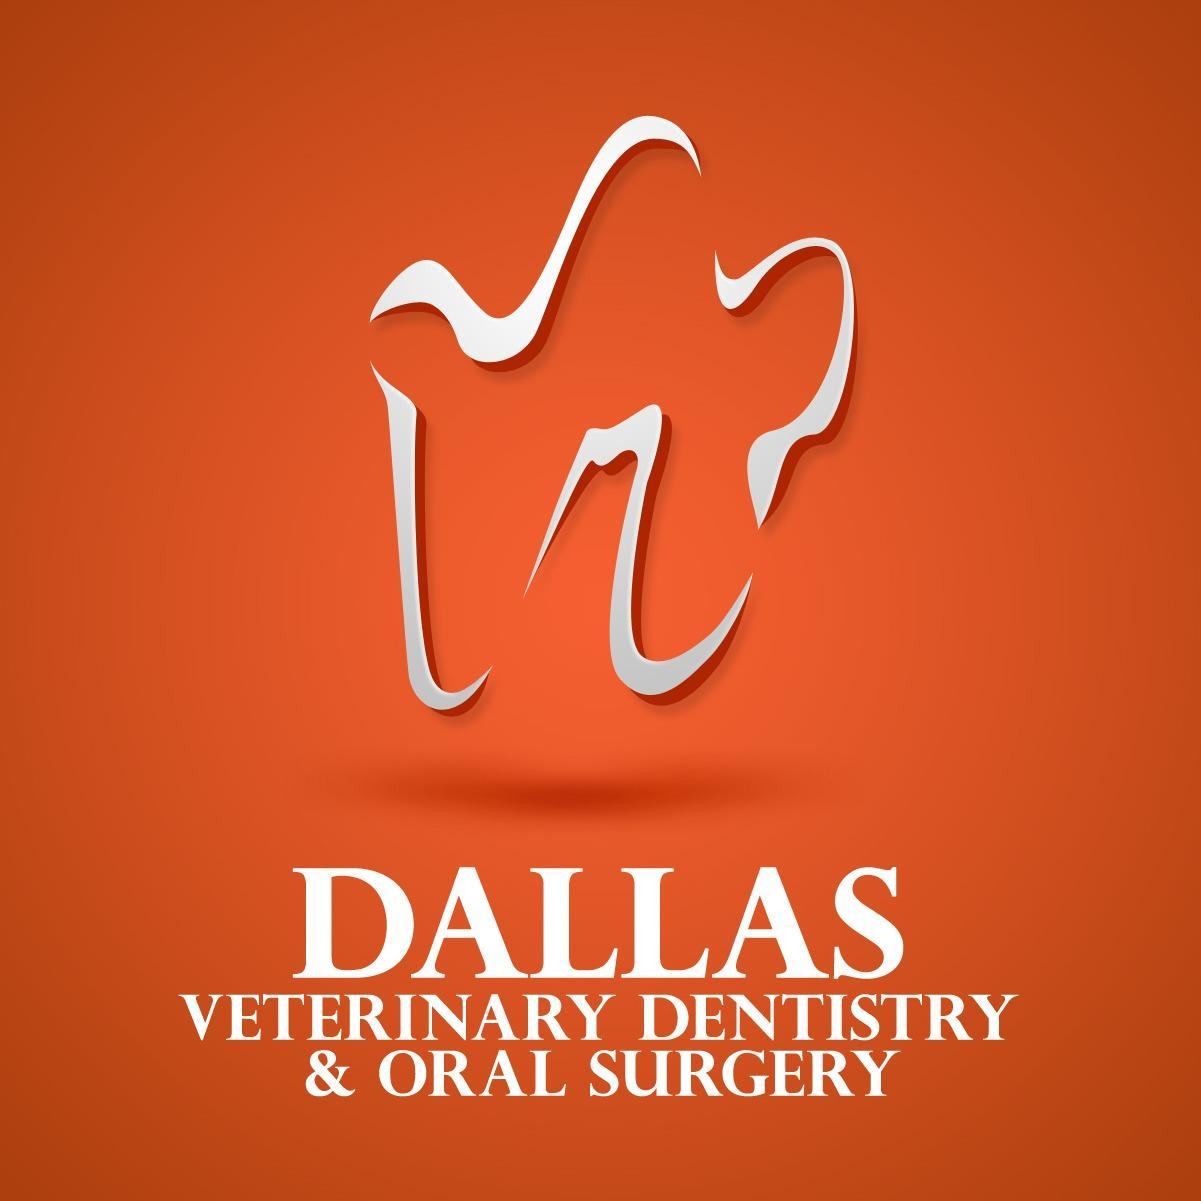 Dallas Veterinary Dentistry & Oral Surgery